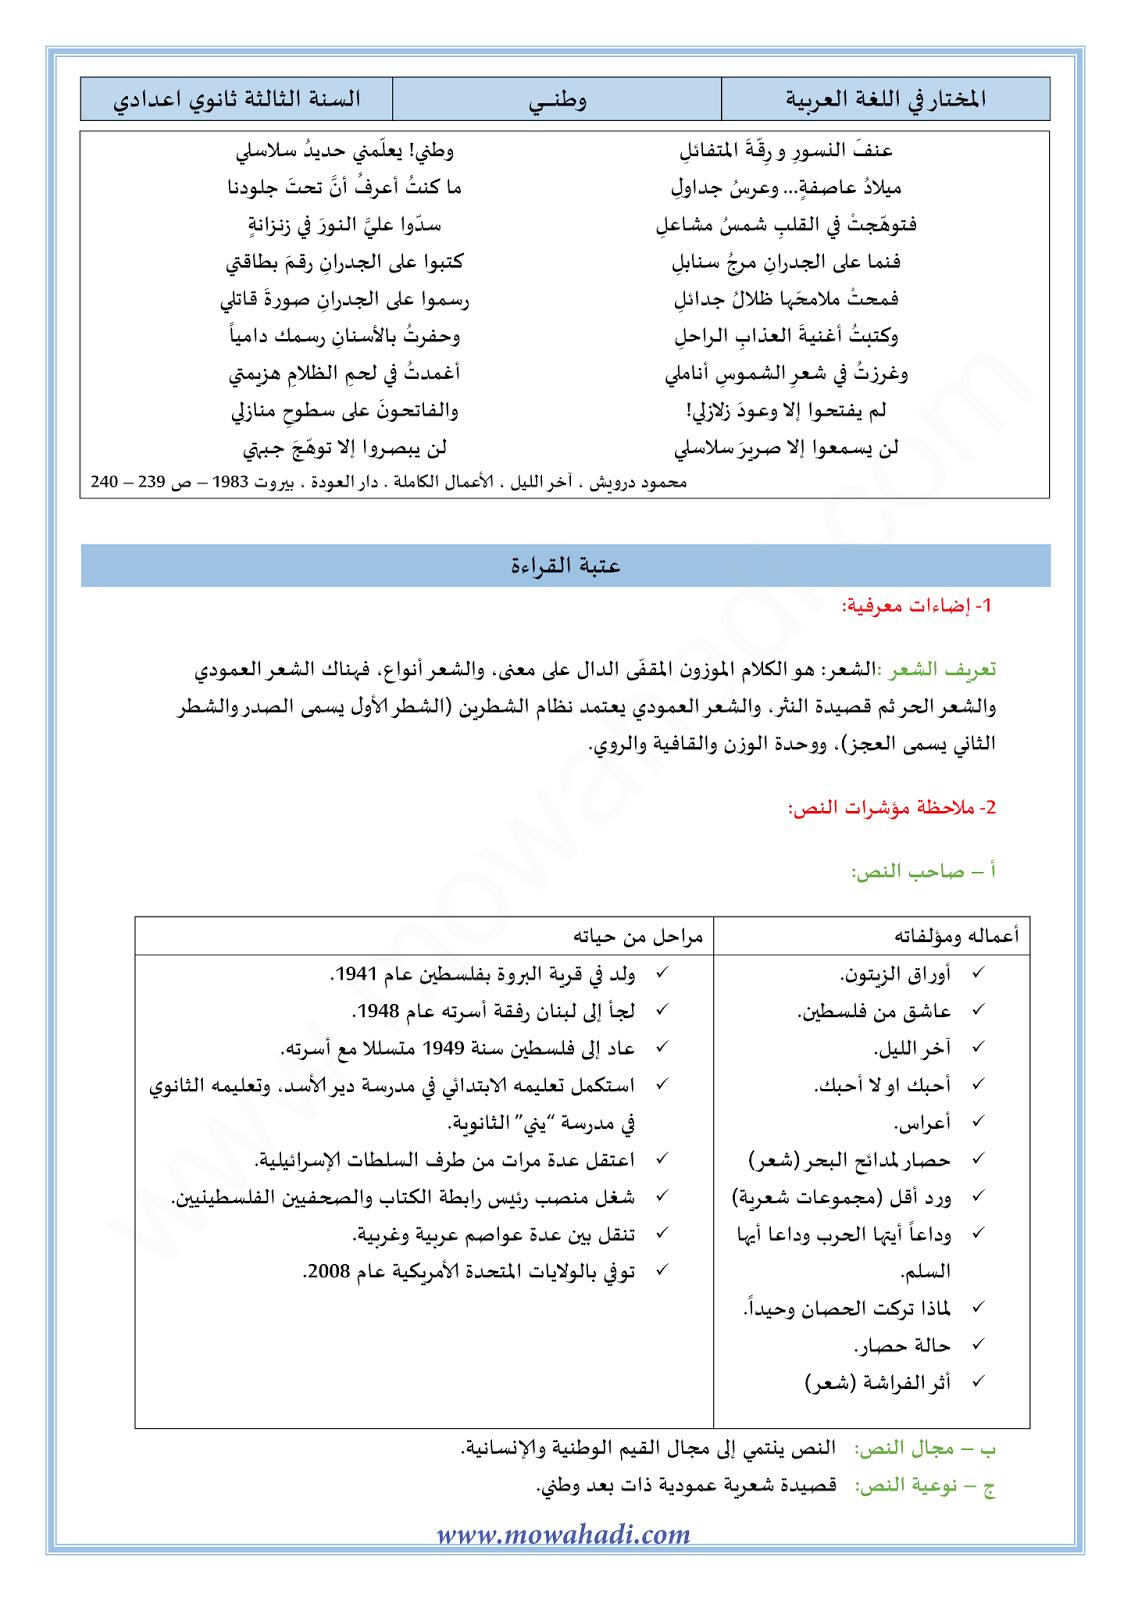 إشعاع الحضارة المغربية